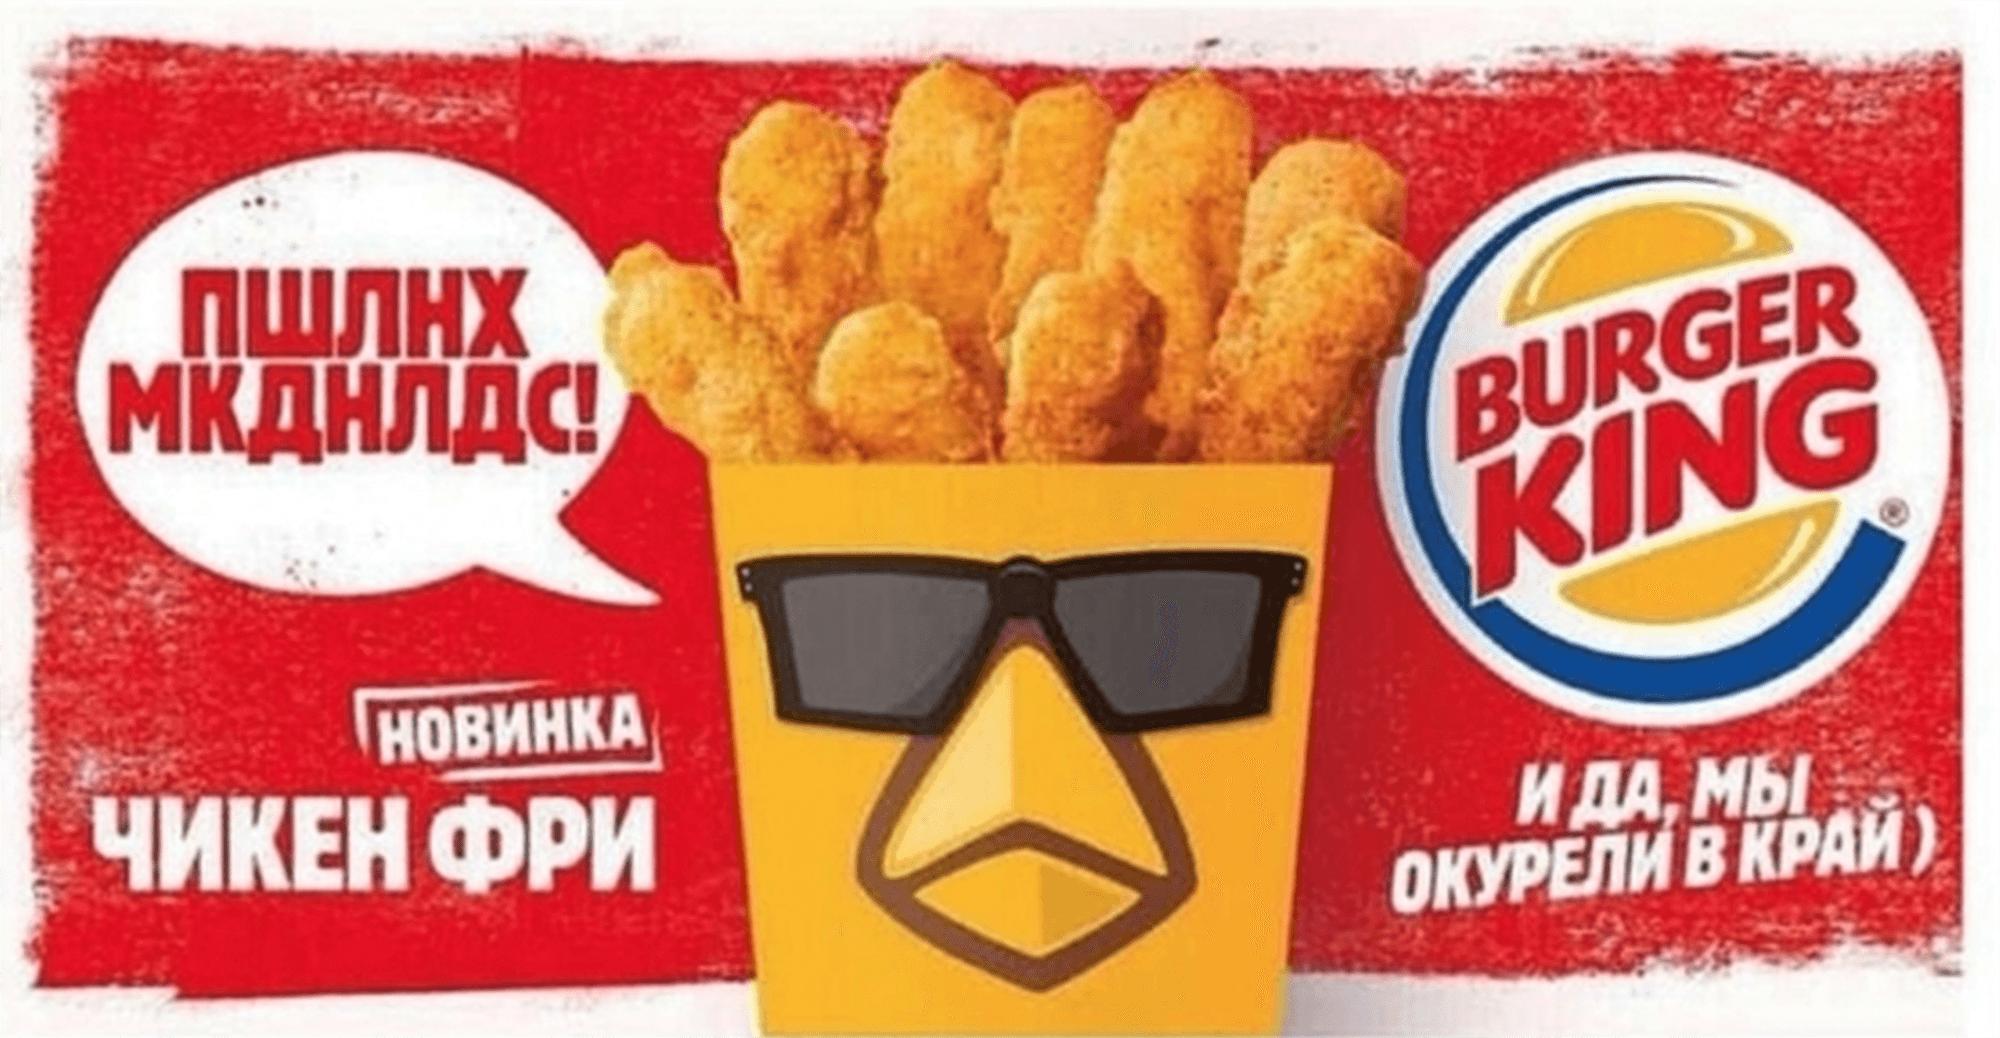 Иногда в «Бургер-кинге» не стесняются в выражениях в адрес «Макдональдса», но тот все равно никуда не жалуется. Фото: burgerking2017.ru